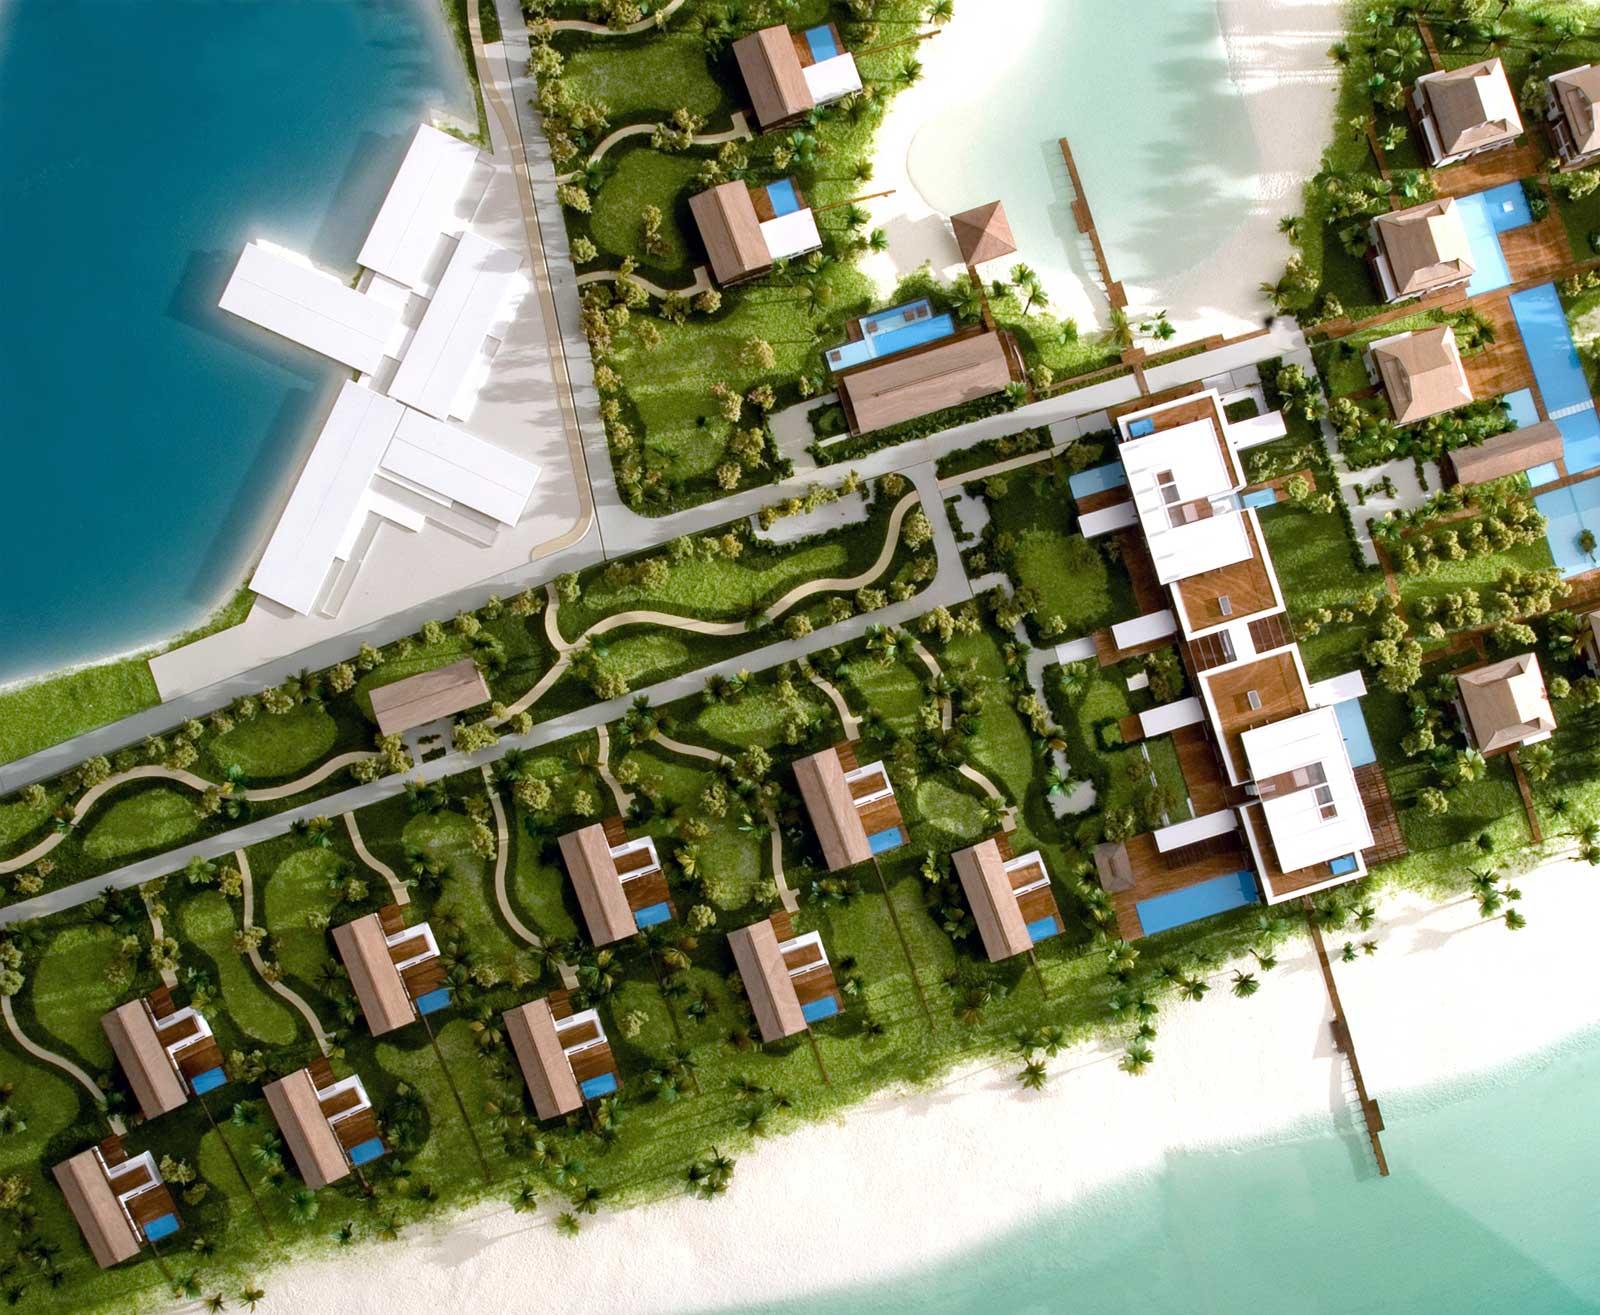 plastico masterplan scala urbanistica ville sul mare